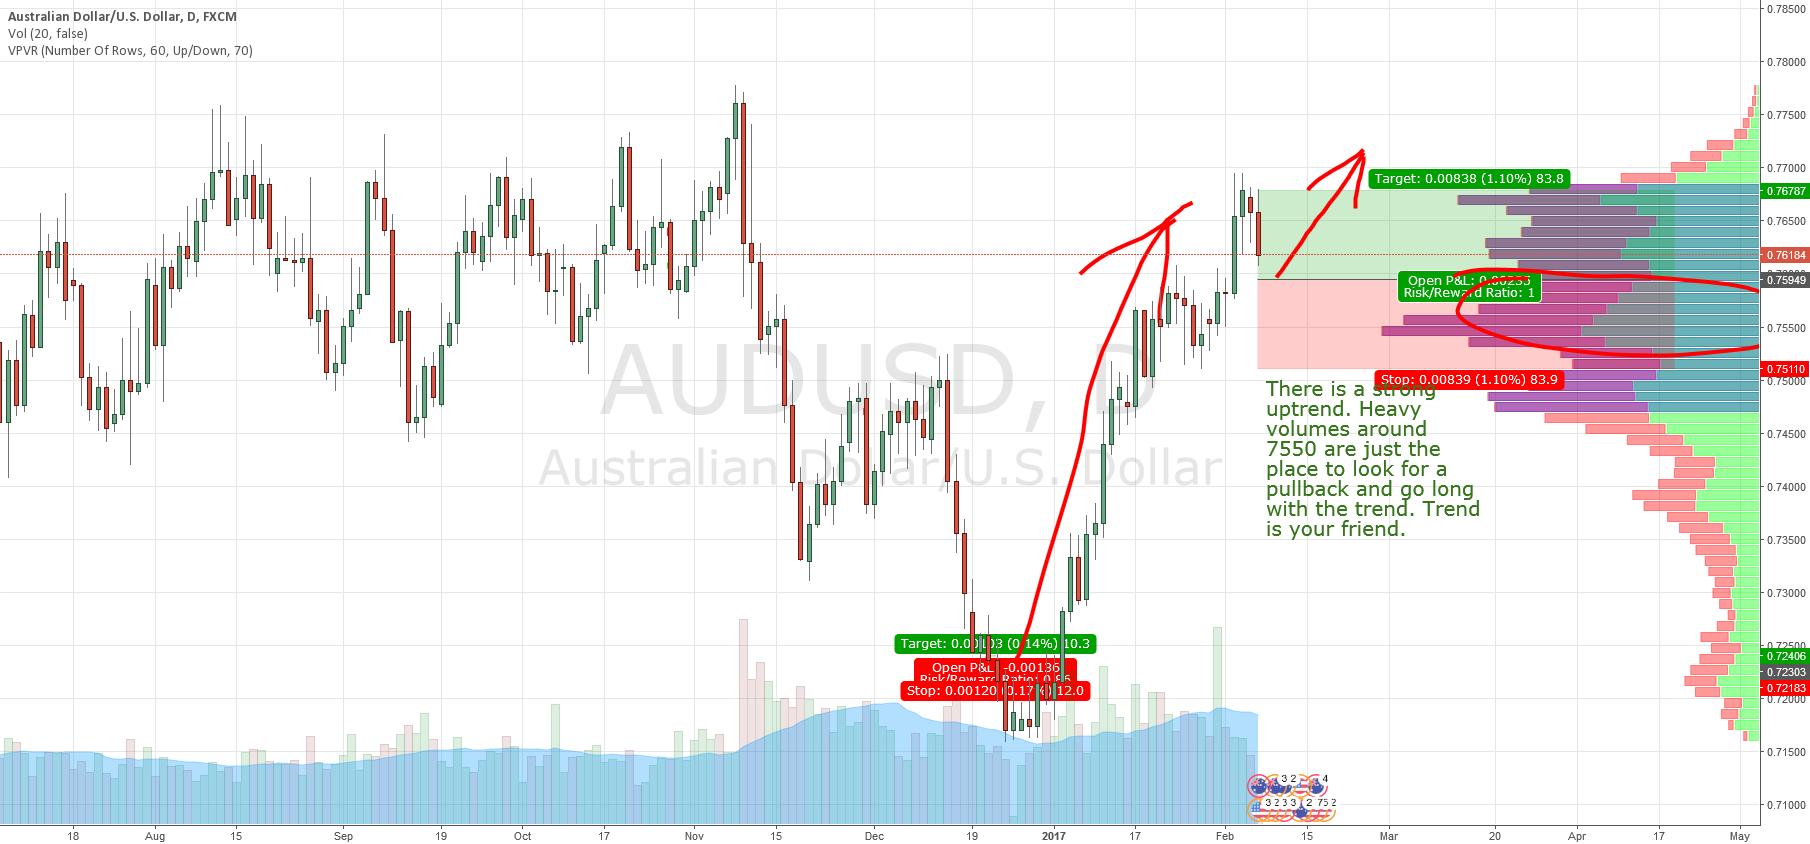 AUD/USD swing long